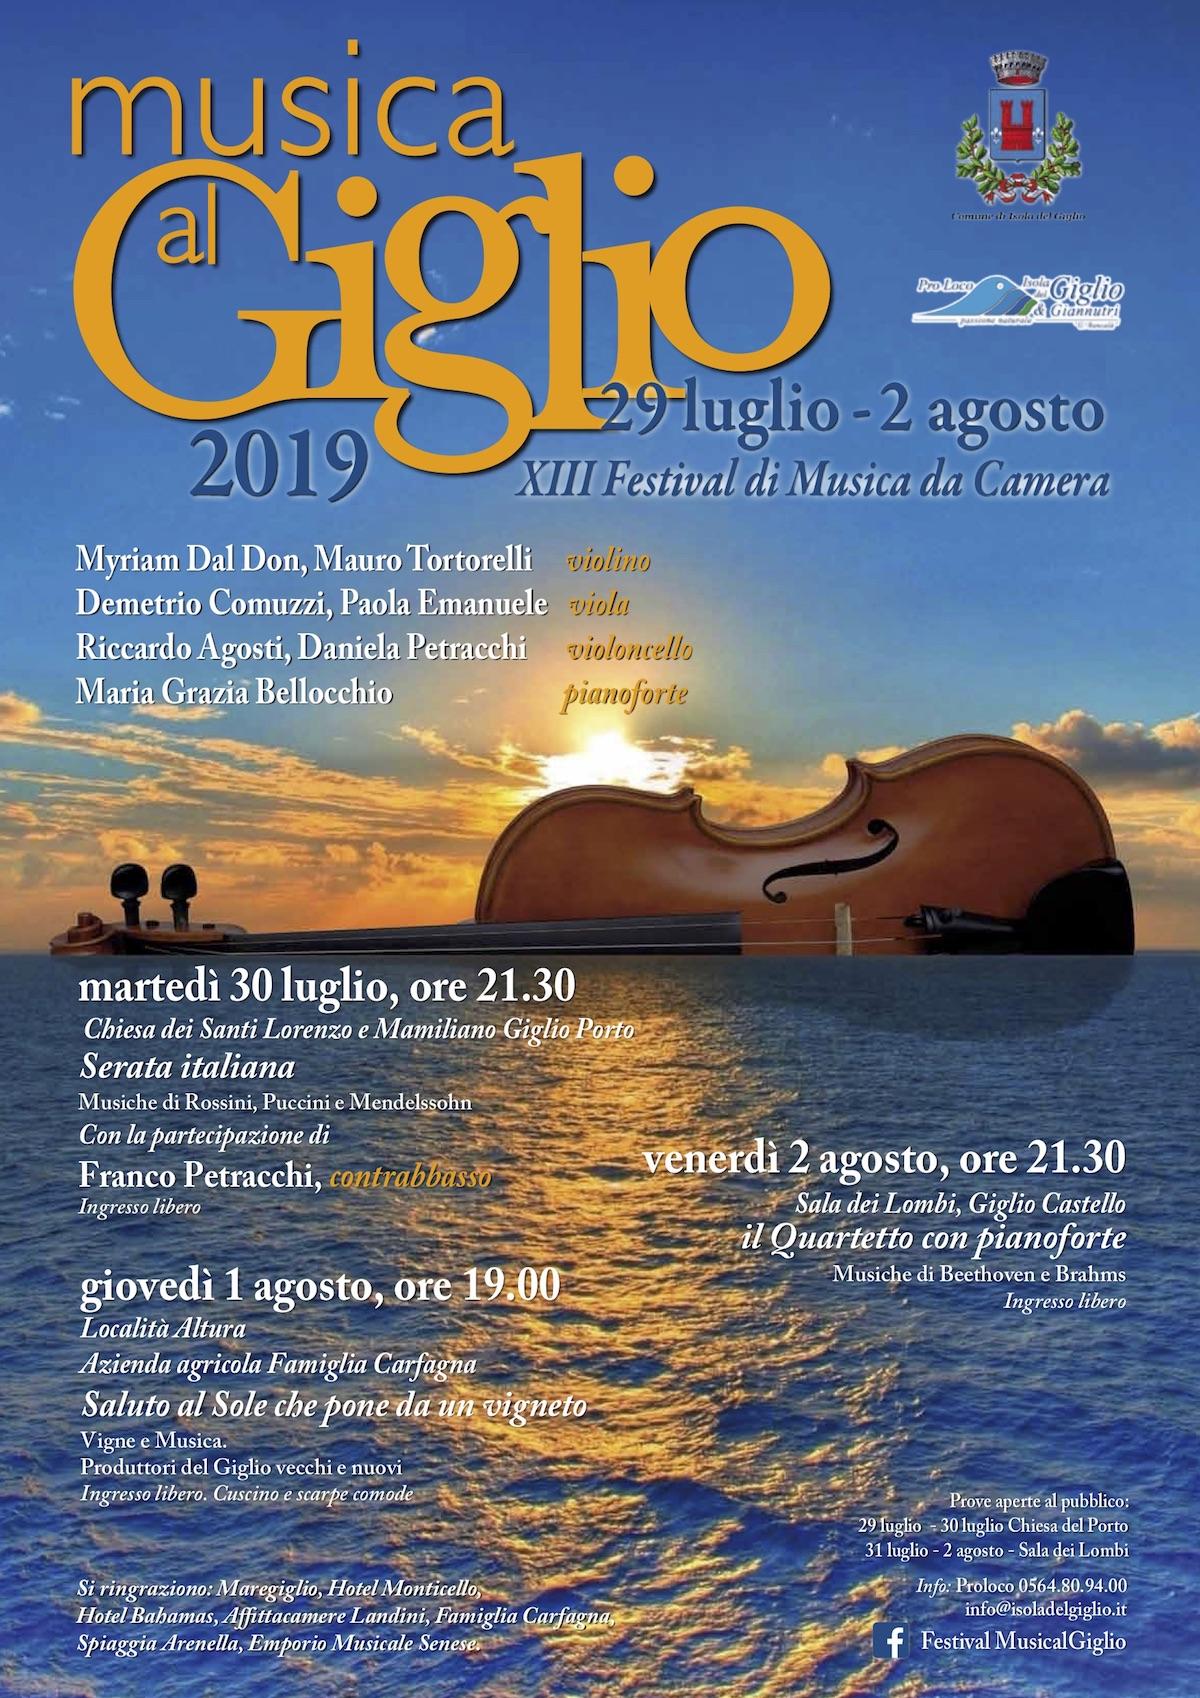 festival musicalgiglio musica isola del giglio giglionews